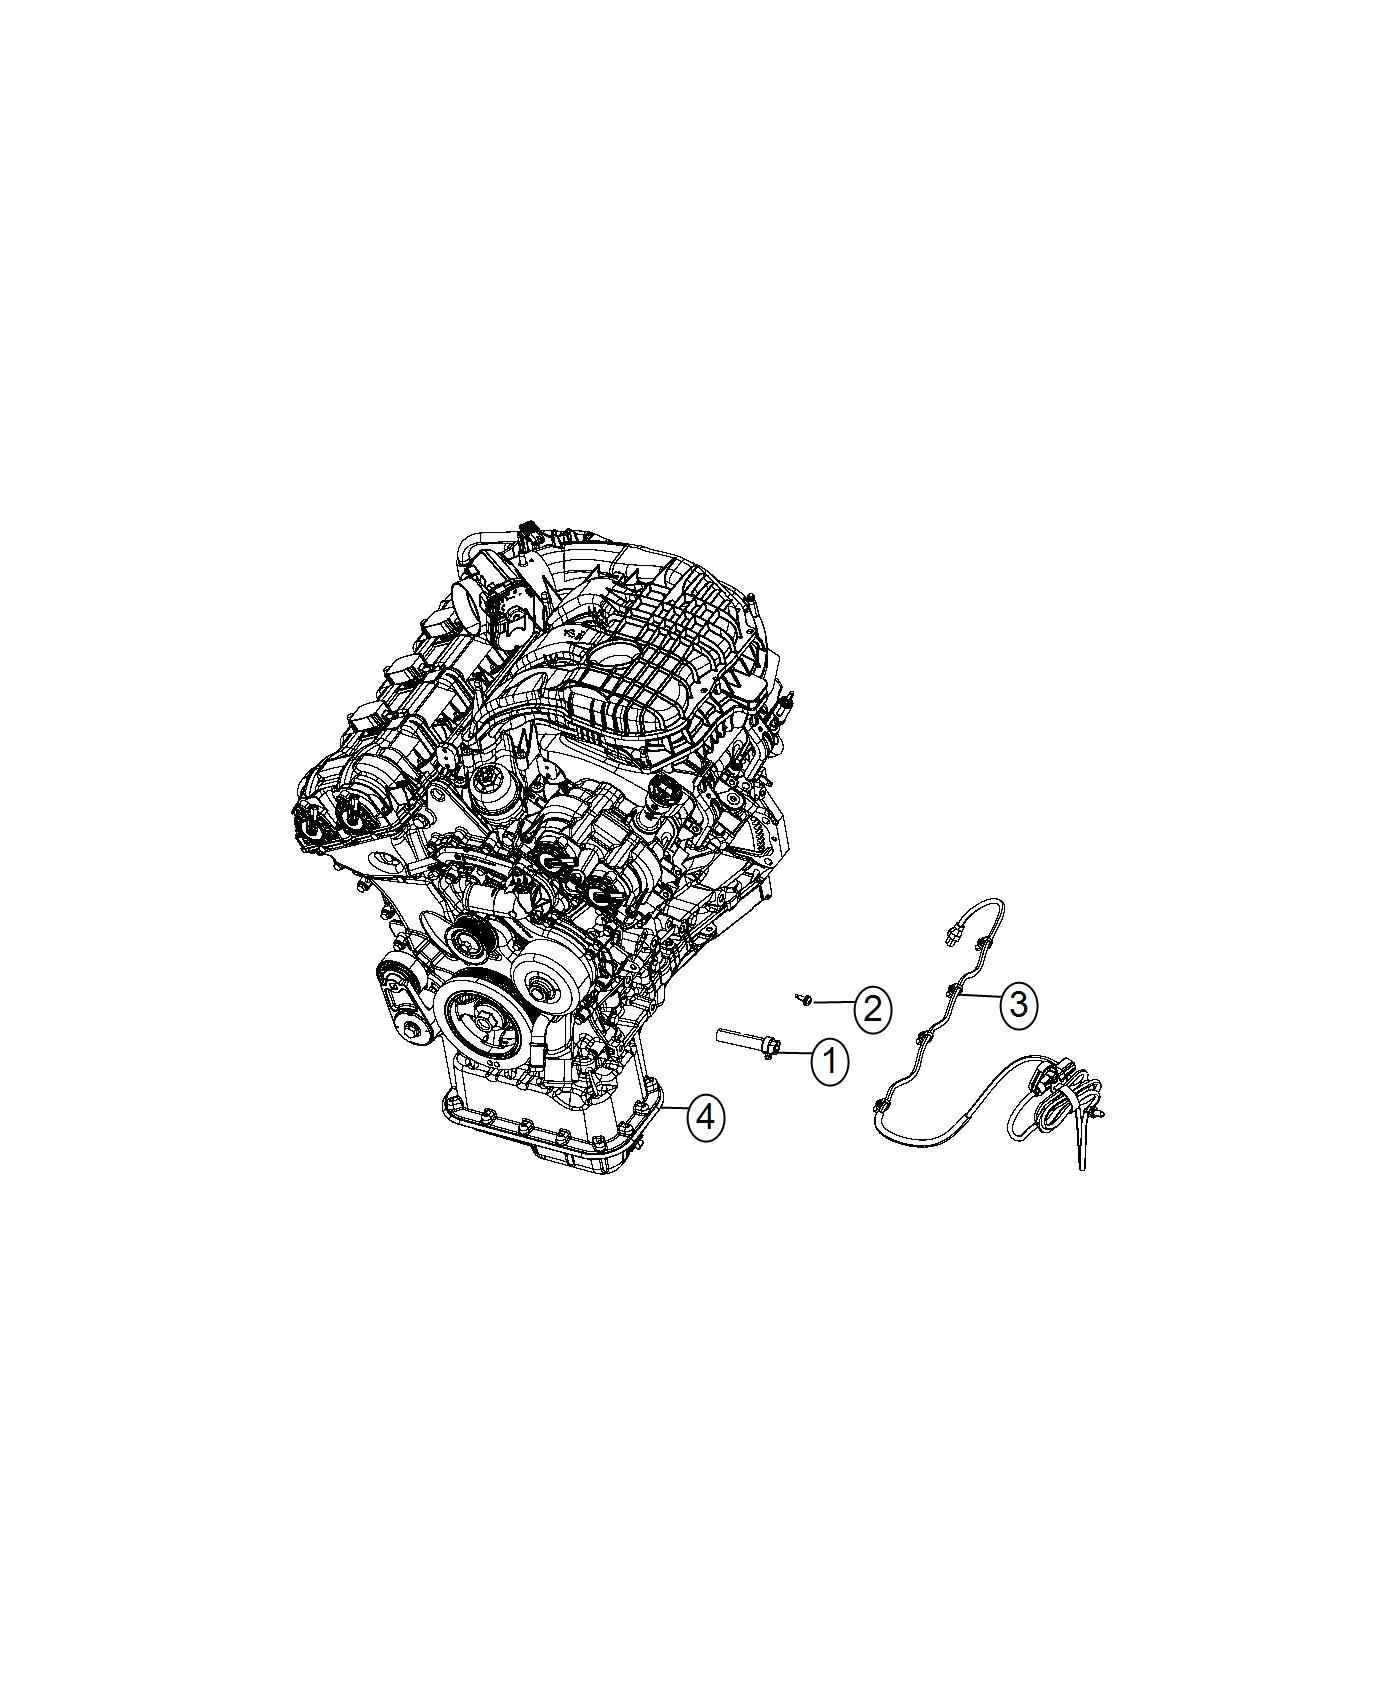 Chrysler 300 Cord Engine Block Heater 3 6l V6 24v